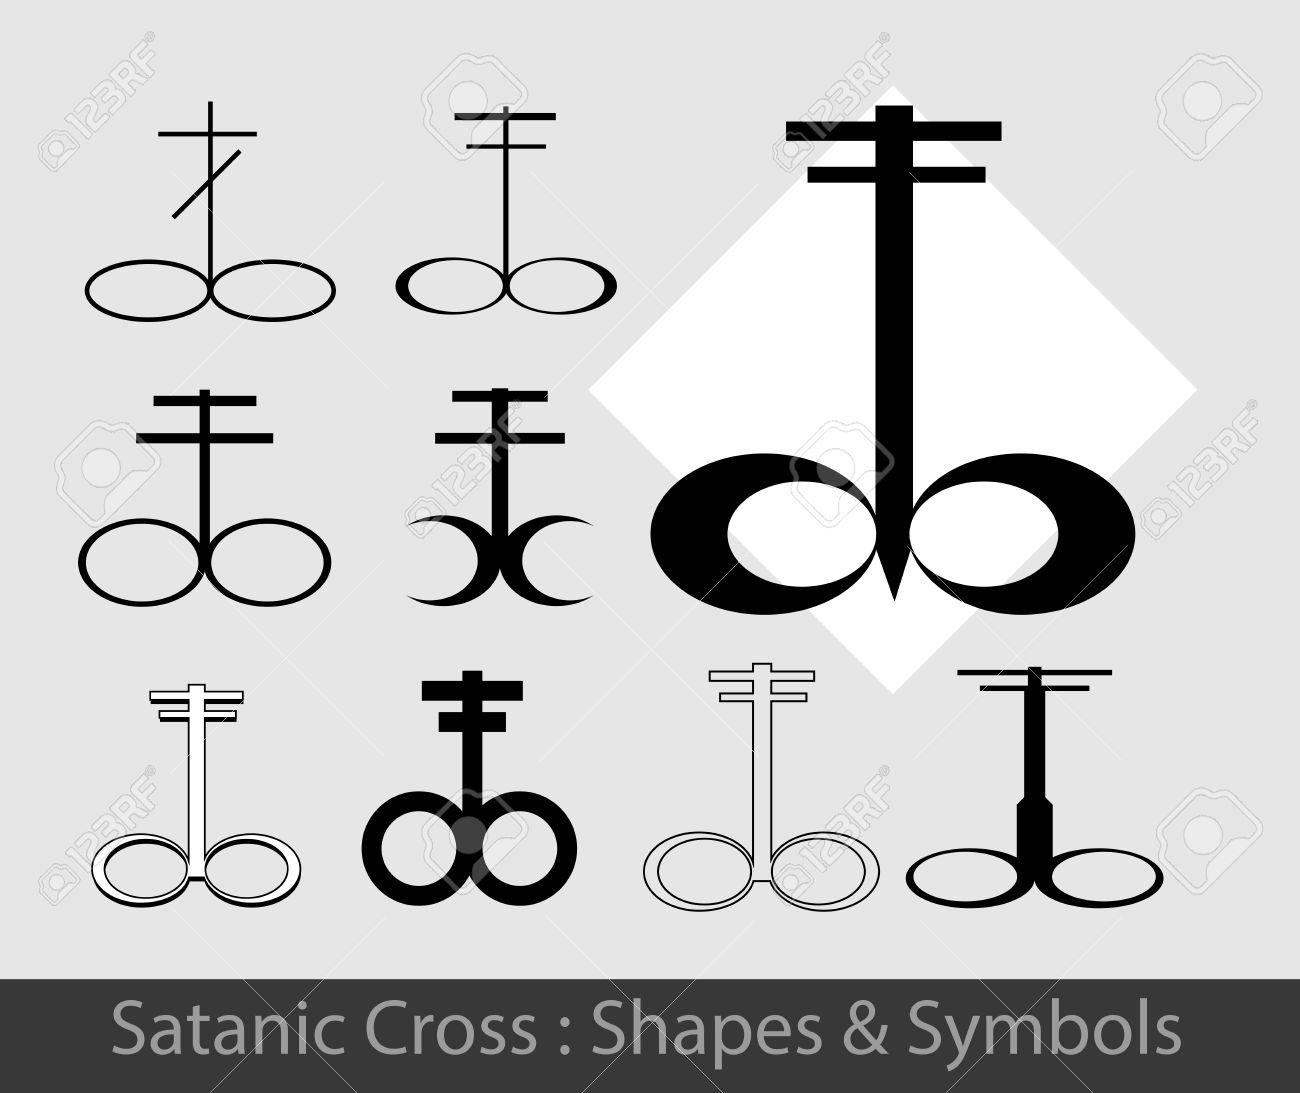 Satanic symbols royalty free cliparts vectors and stock satanic symbols stock vector 57731889 biocorpaavc Choice Image